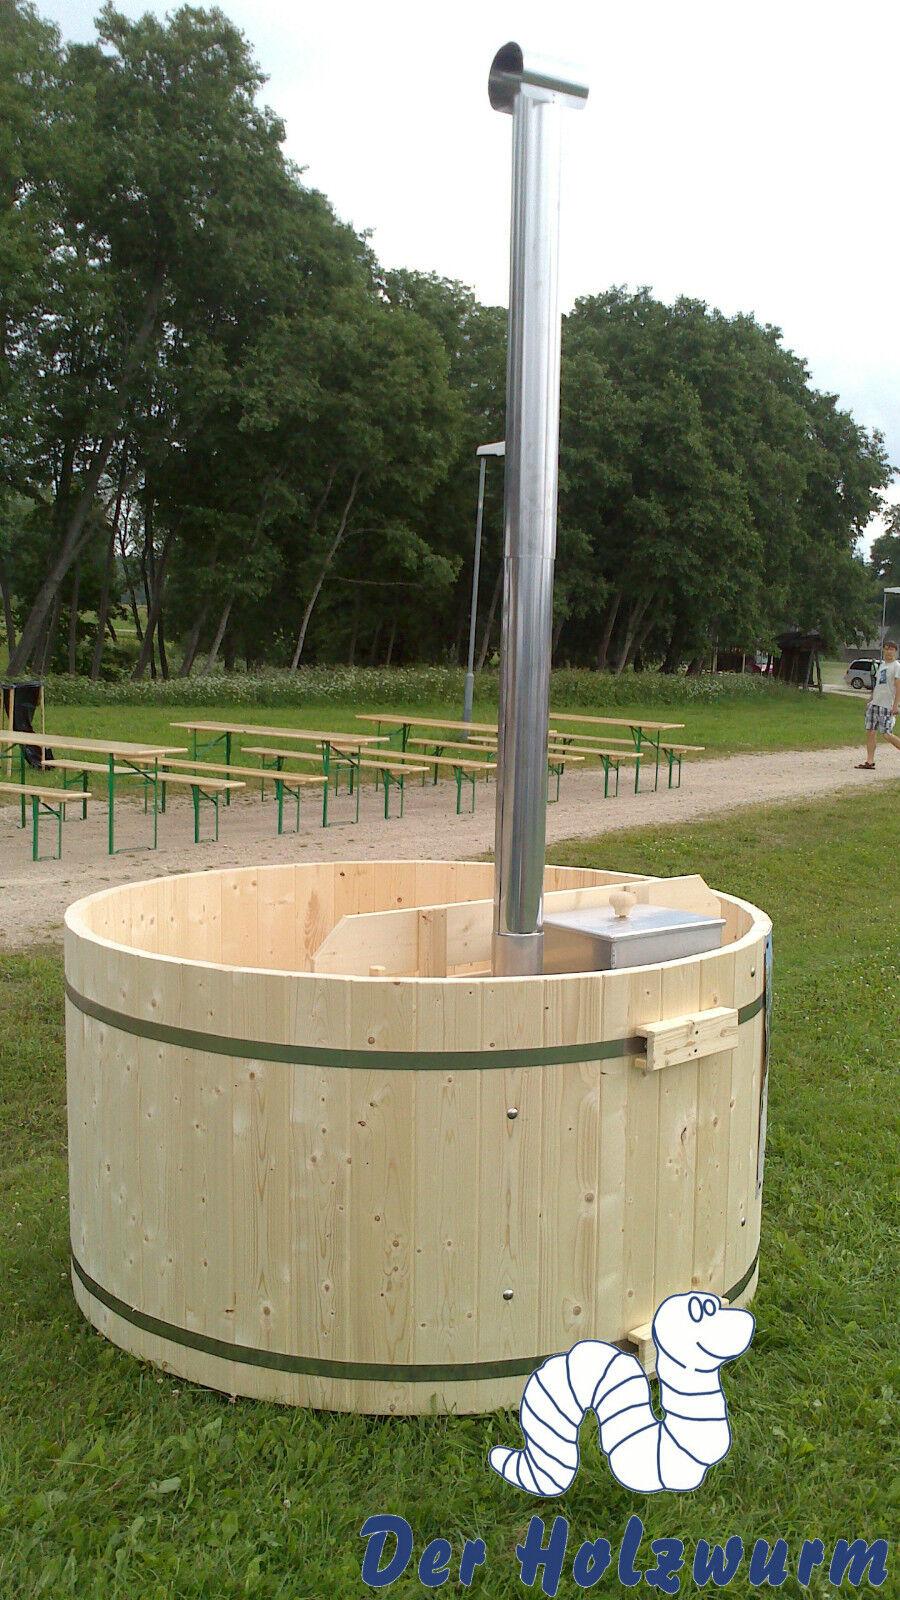 Badebottich 160 cm Badefass Badezuber Holz mit Unterwasserofen incl. PVC Einsatz